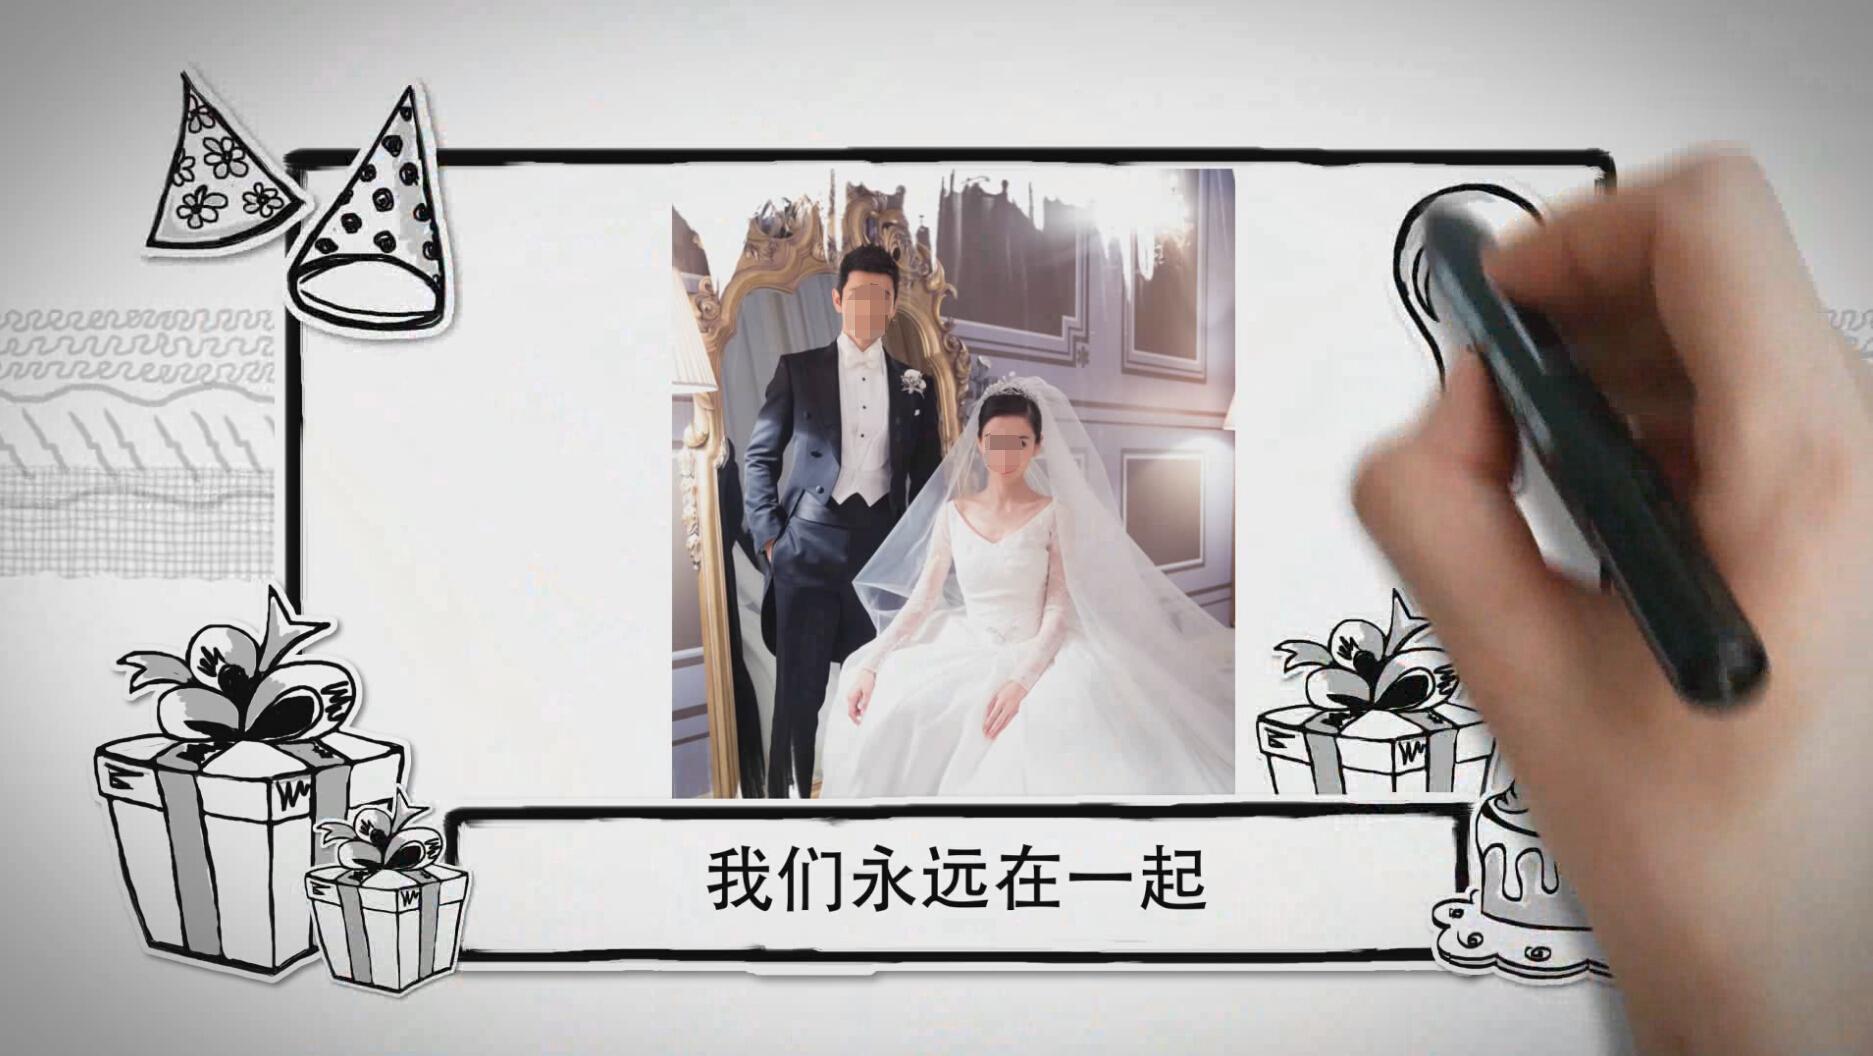 手绘画画爱情宣言微信小视频创意广告